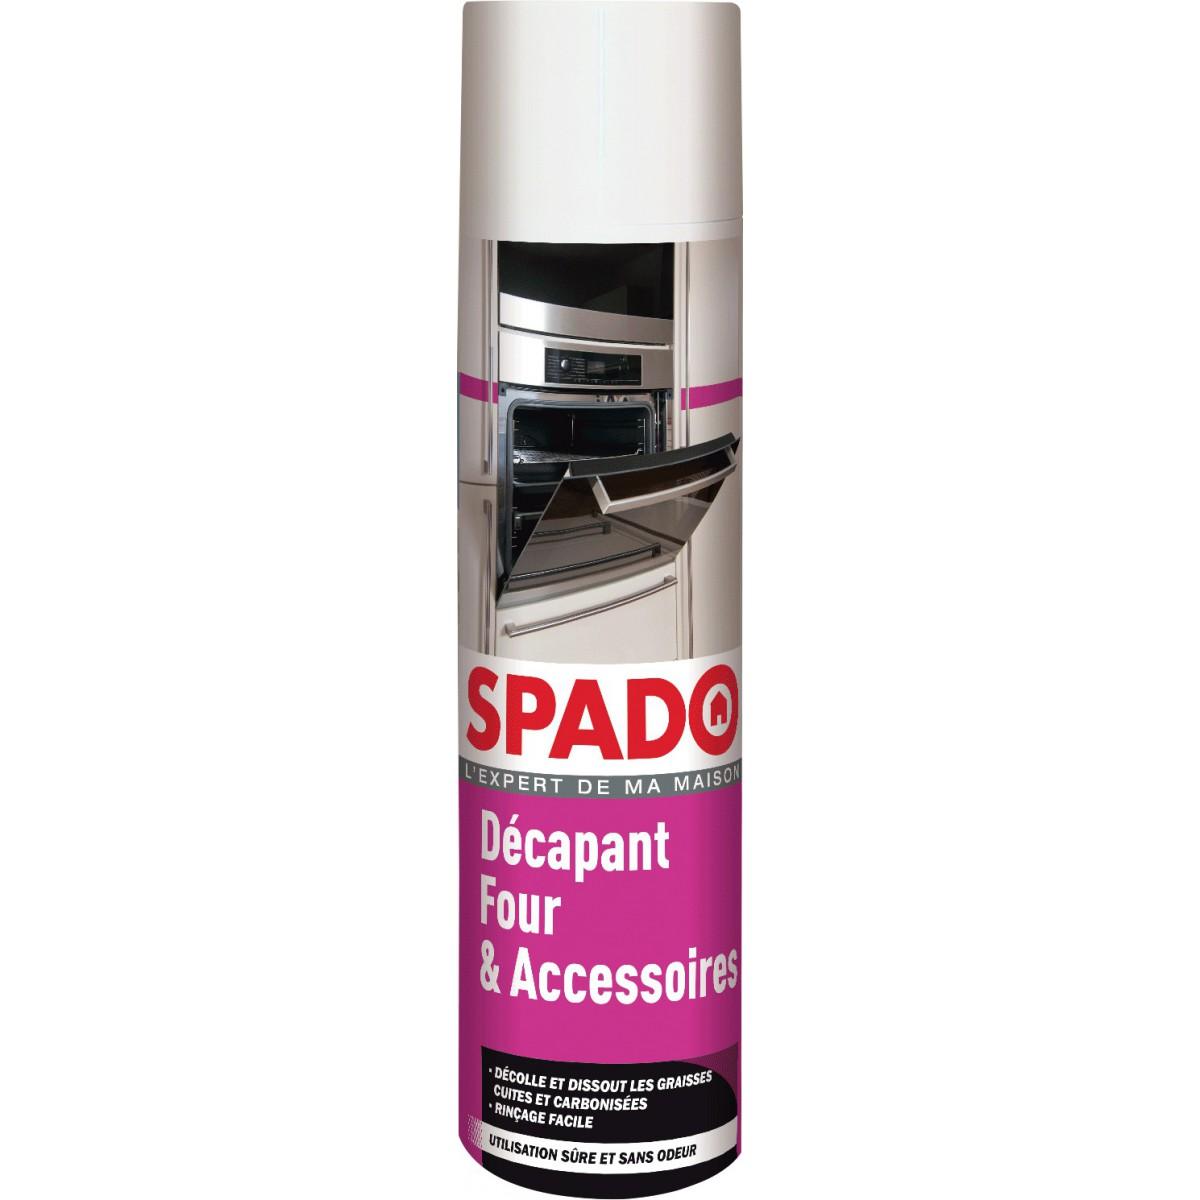 Décapant four sans soude caustique Spado - Aérosol 600 ml